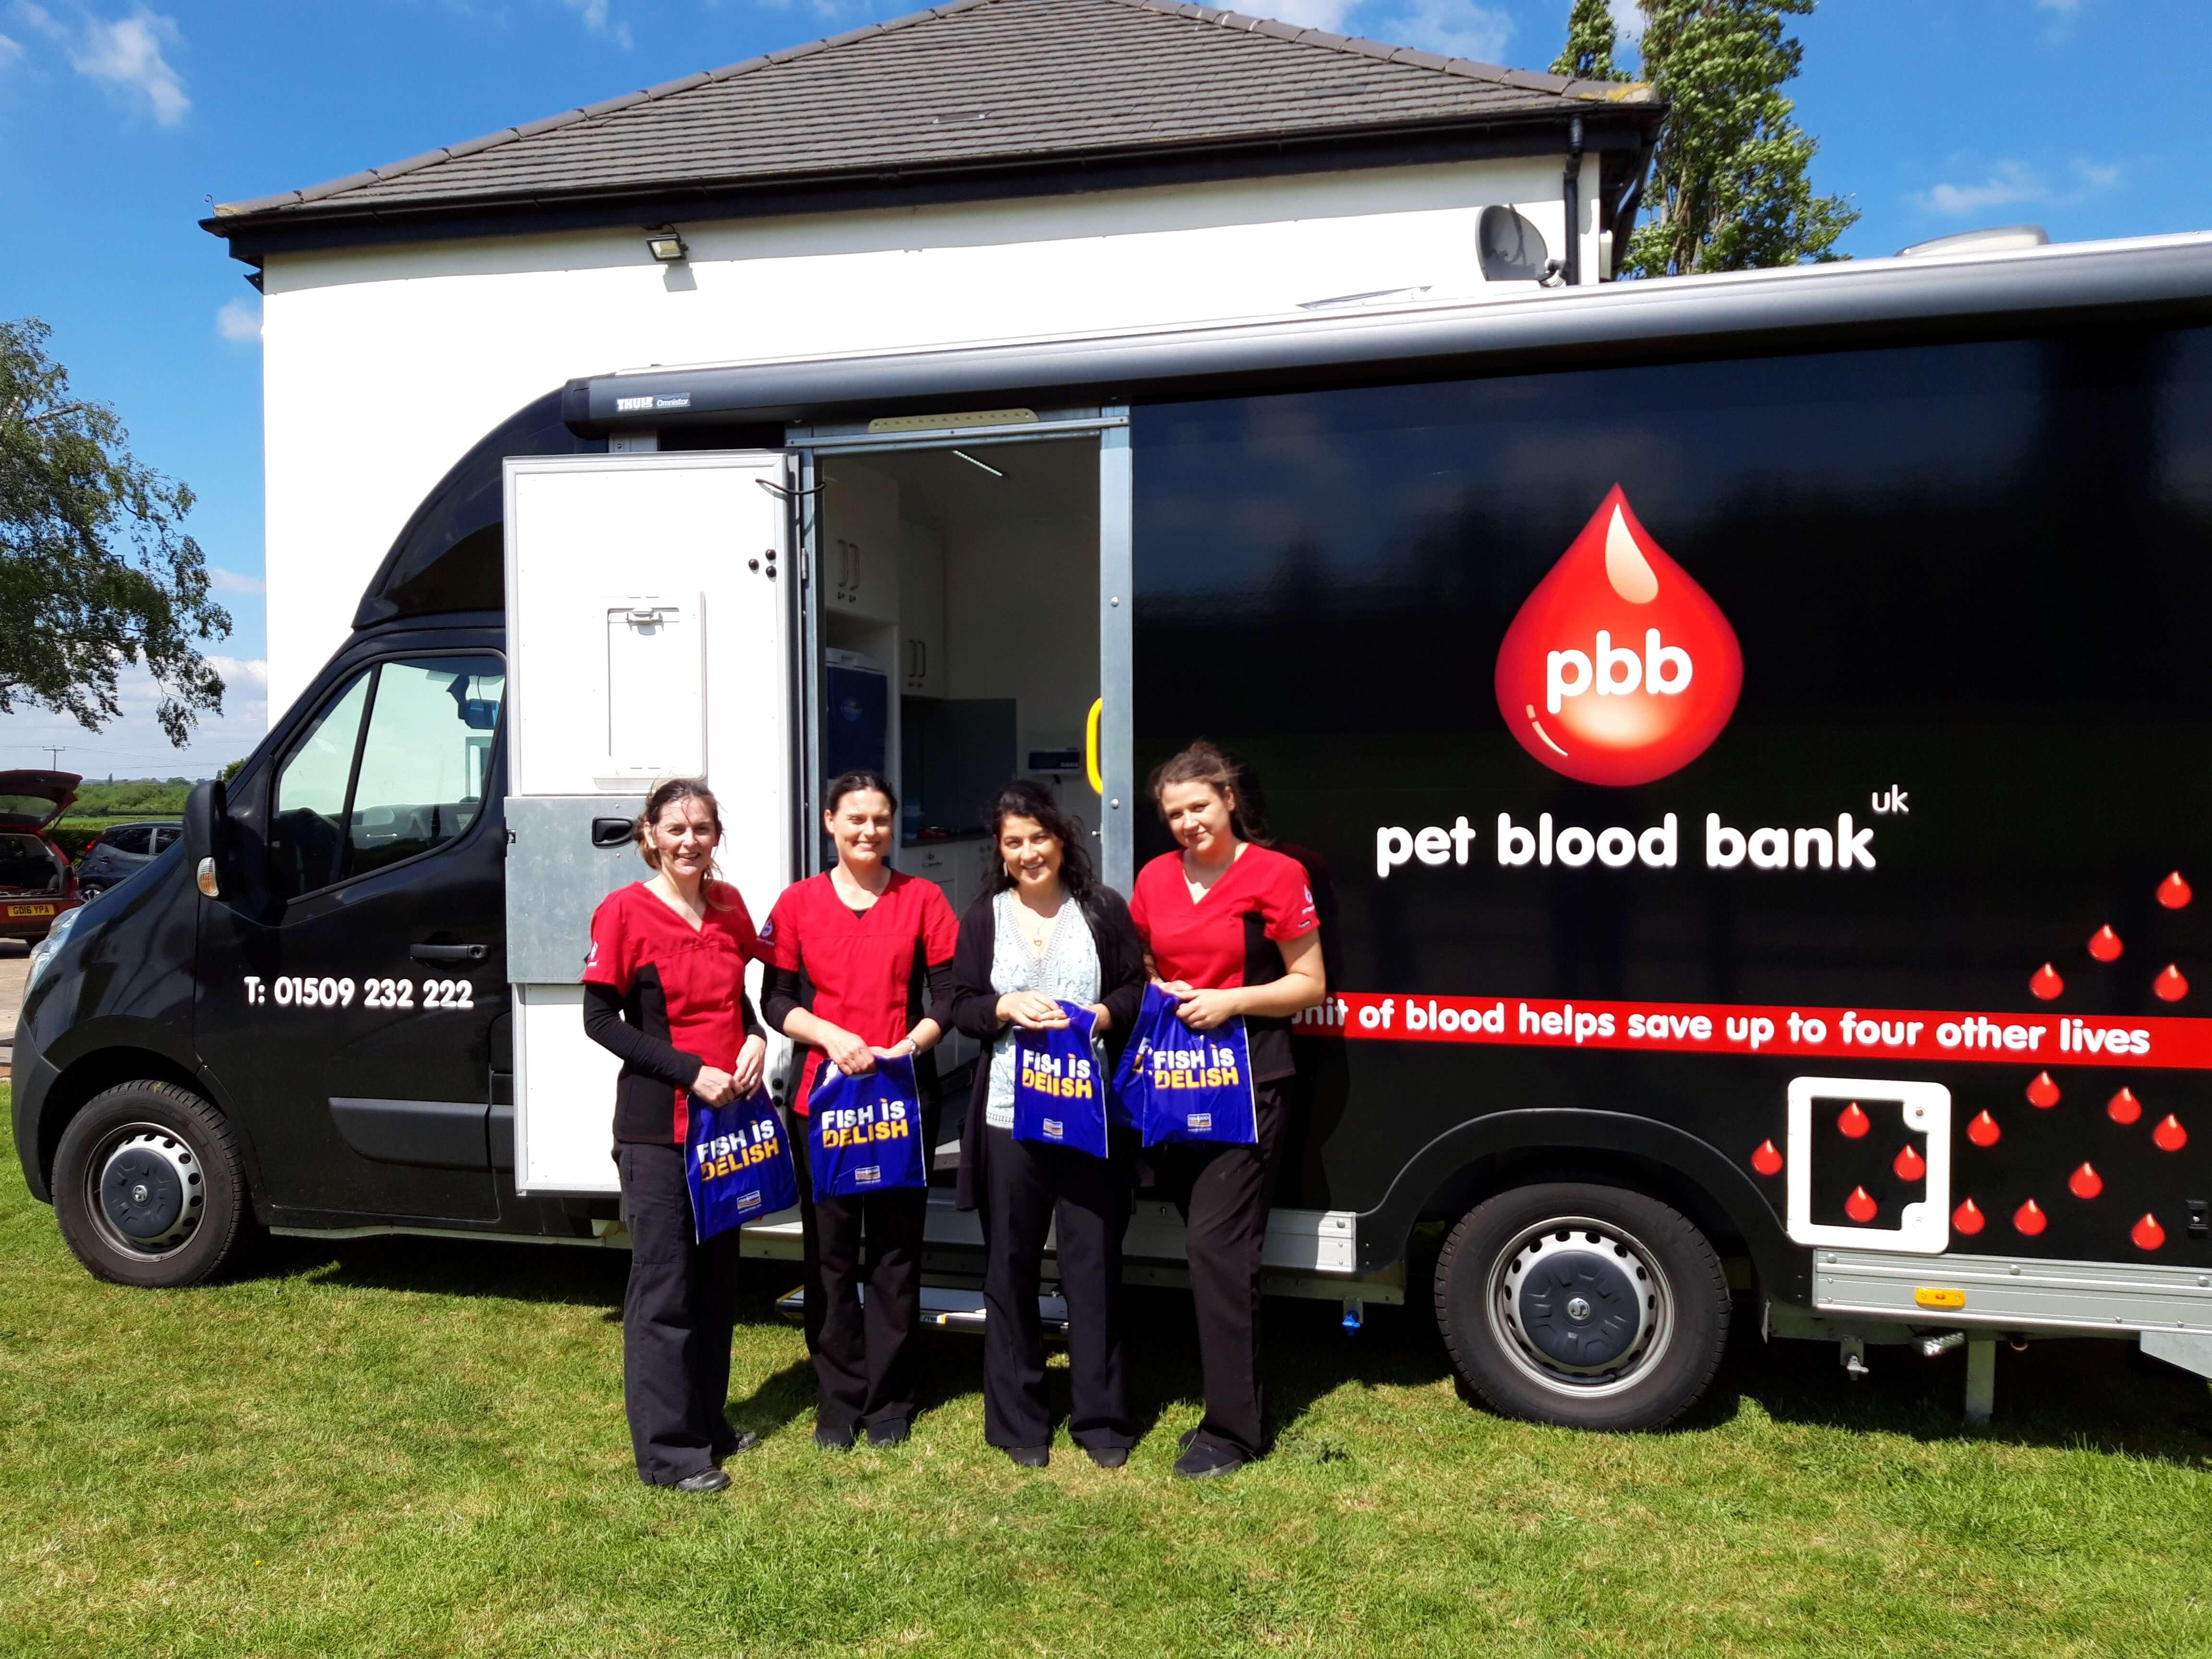 Pet blood bank mobile unit